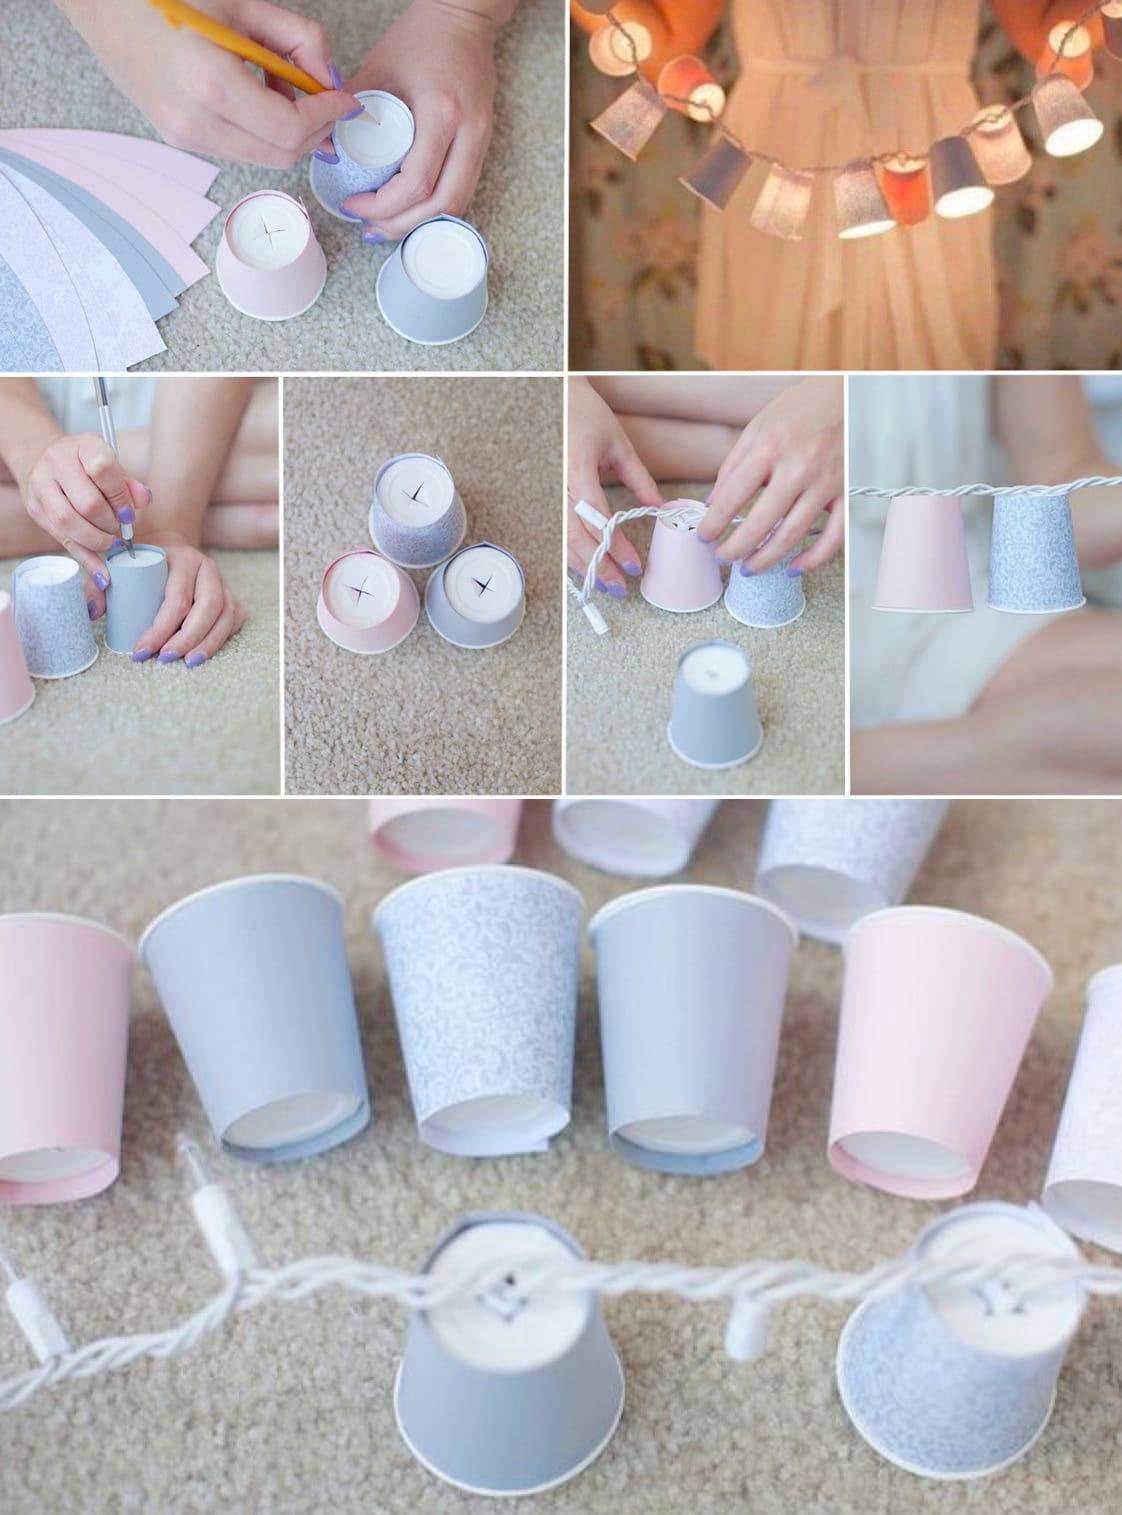 Мастер-класс по изготовлению гирлянды из бумажных стаканов